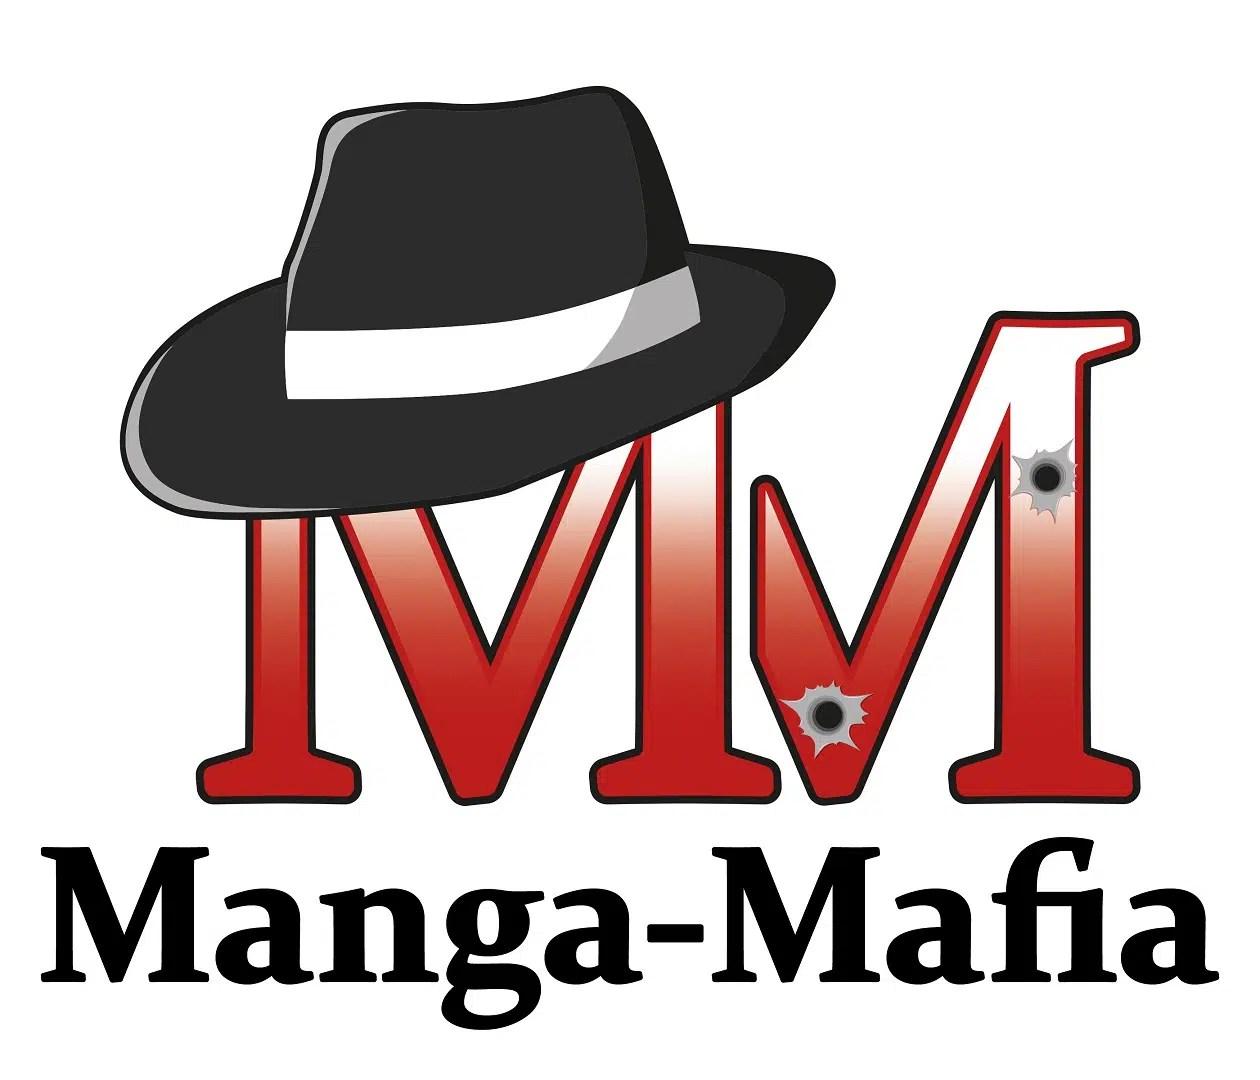 Manga Mafia